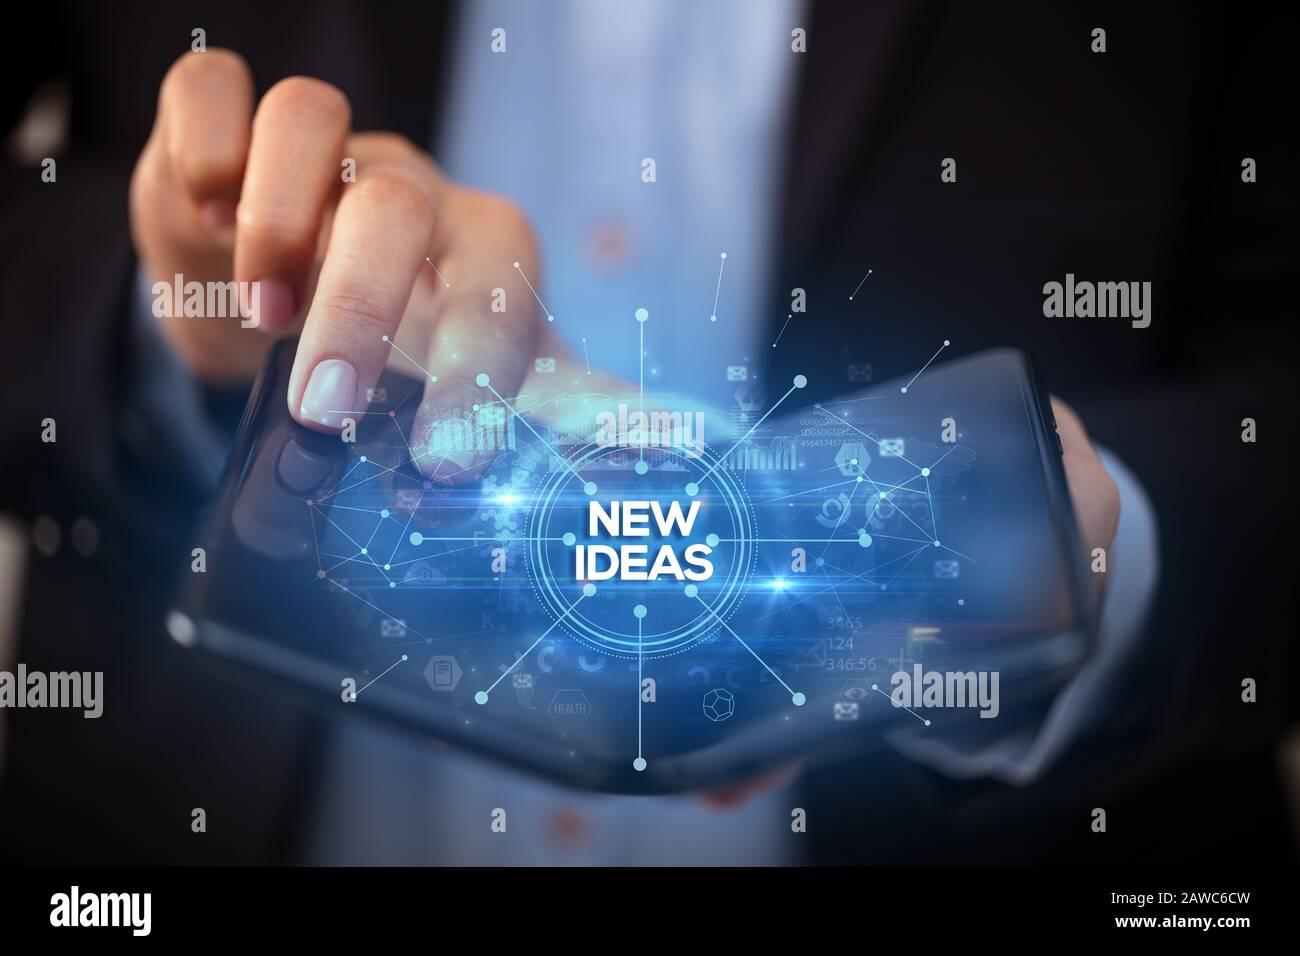 Empresario sosteniendo un smartphone plegable con nuevas ideas, nuevos negocios concepto de inscripción Foto de stock